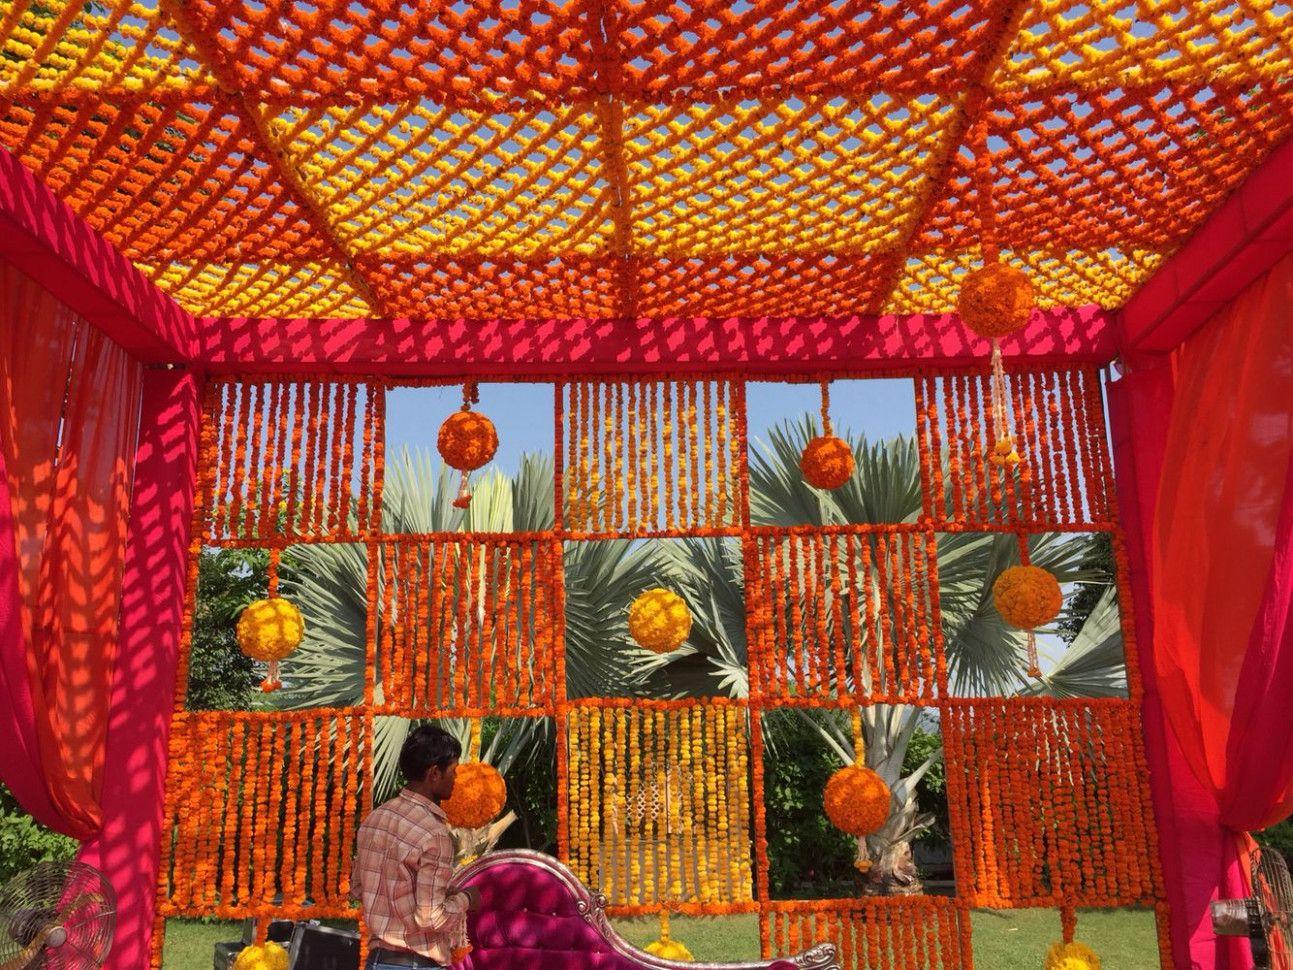 Indian Wedding Decoracion Mehndi Decor Wedding Decorations On A Budget Indian Wedding Decorations Mehndi Decor